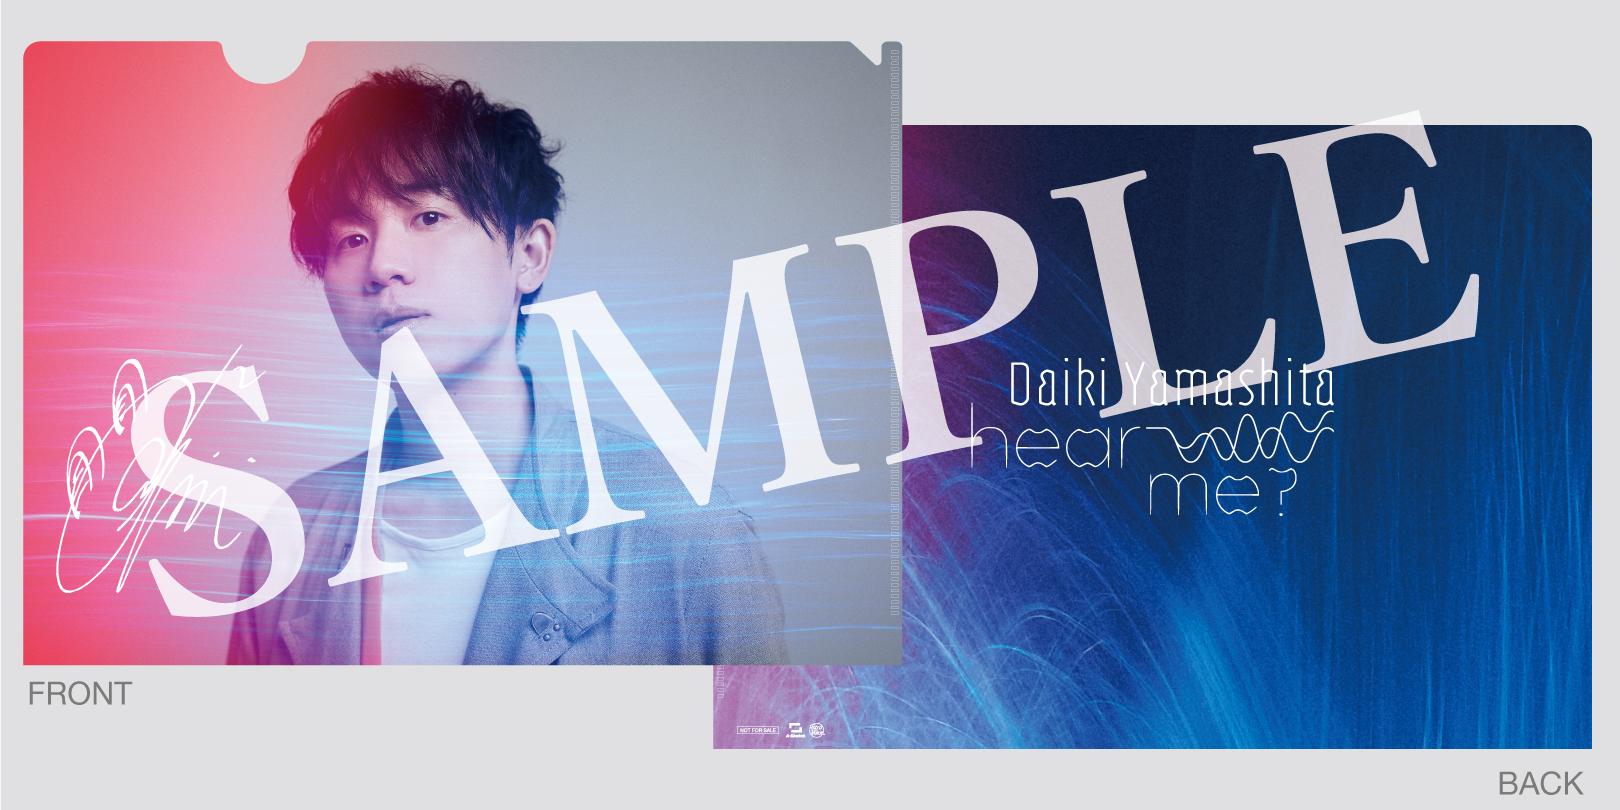 山下大輝 1st EP「hear me?」発売記念特番の配信が決定!番組限定の特典情報も!